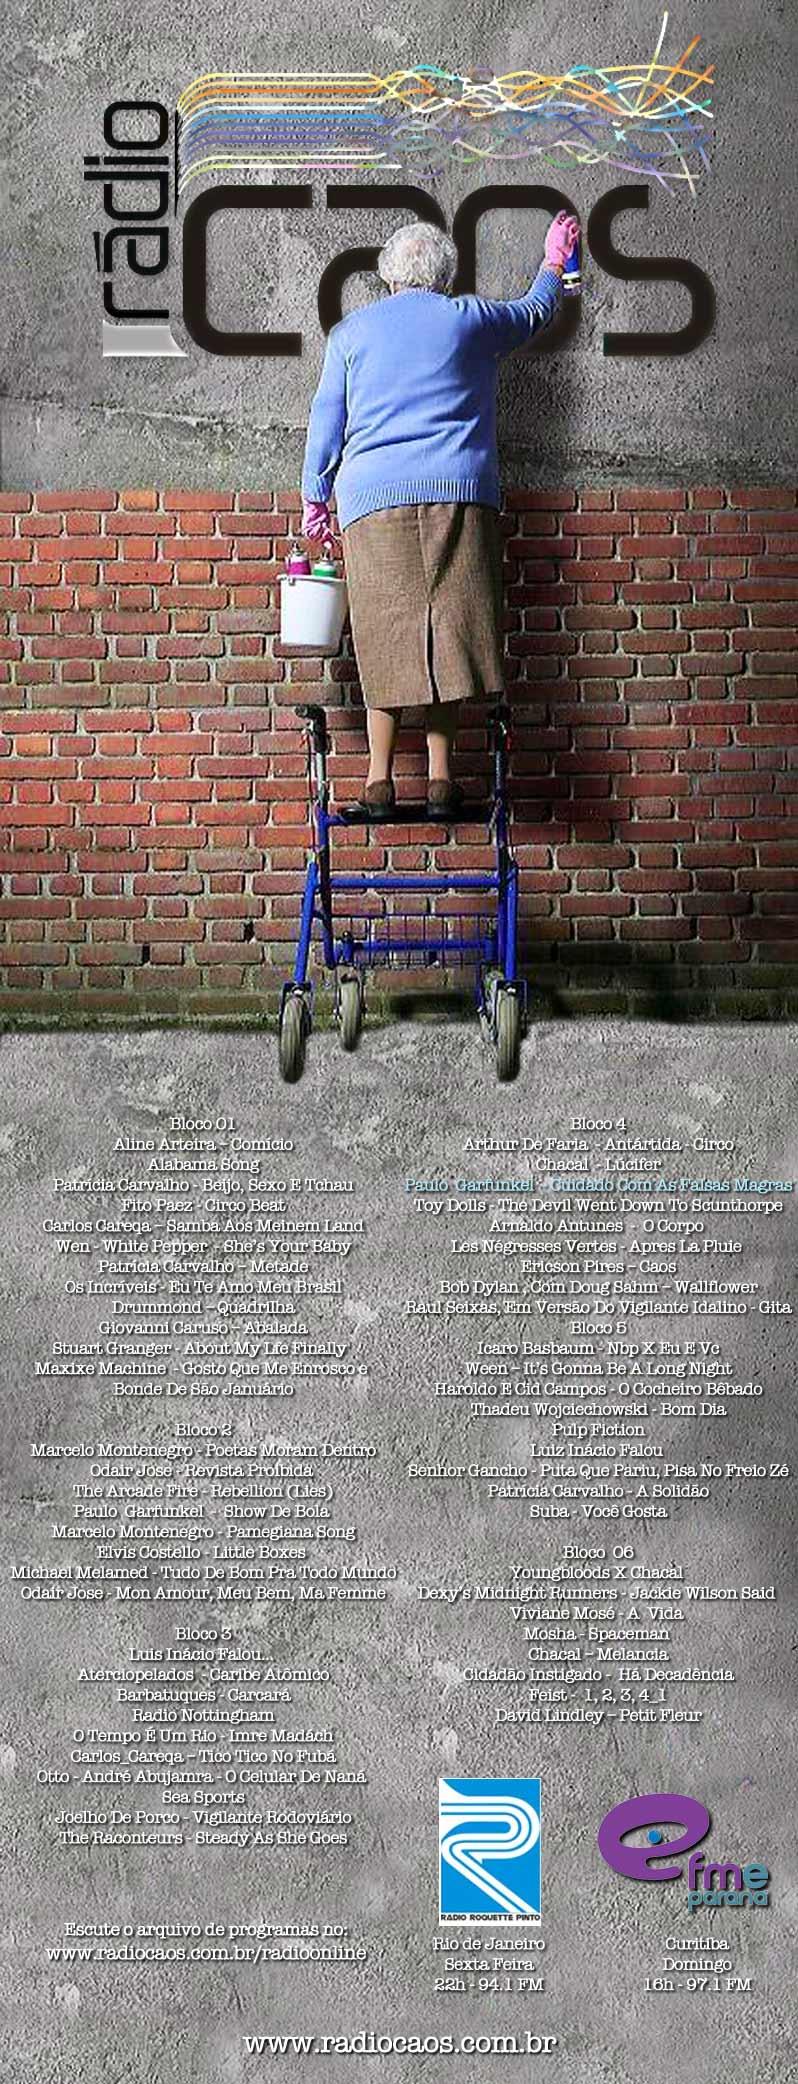 mailcaos-10-02-2012